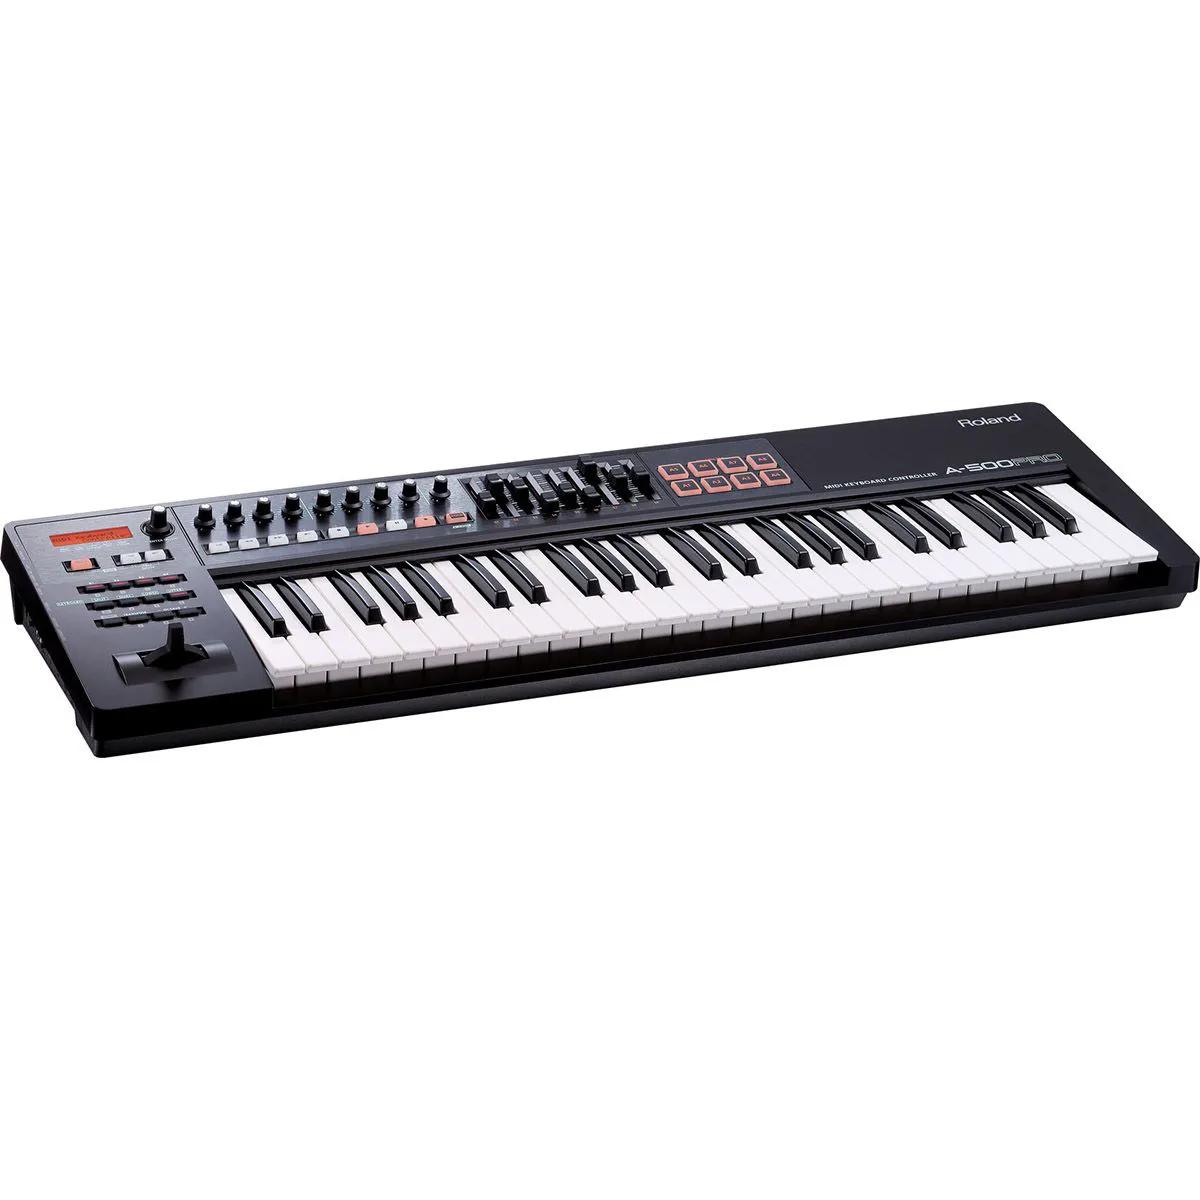 Teclado Controlador Roland A-500 PRO MIDI / USB